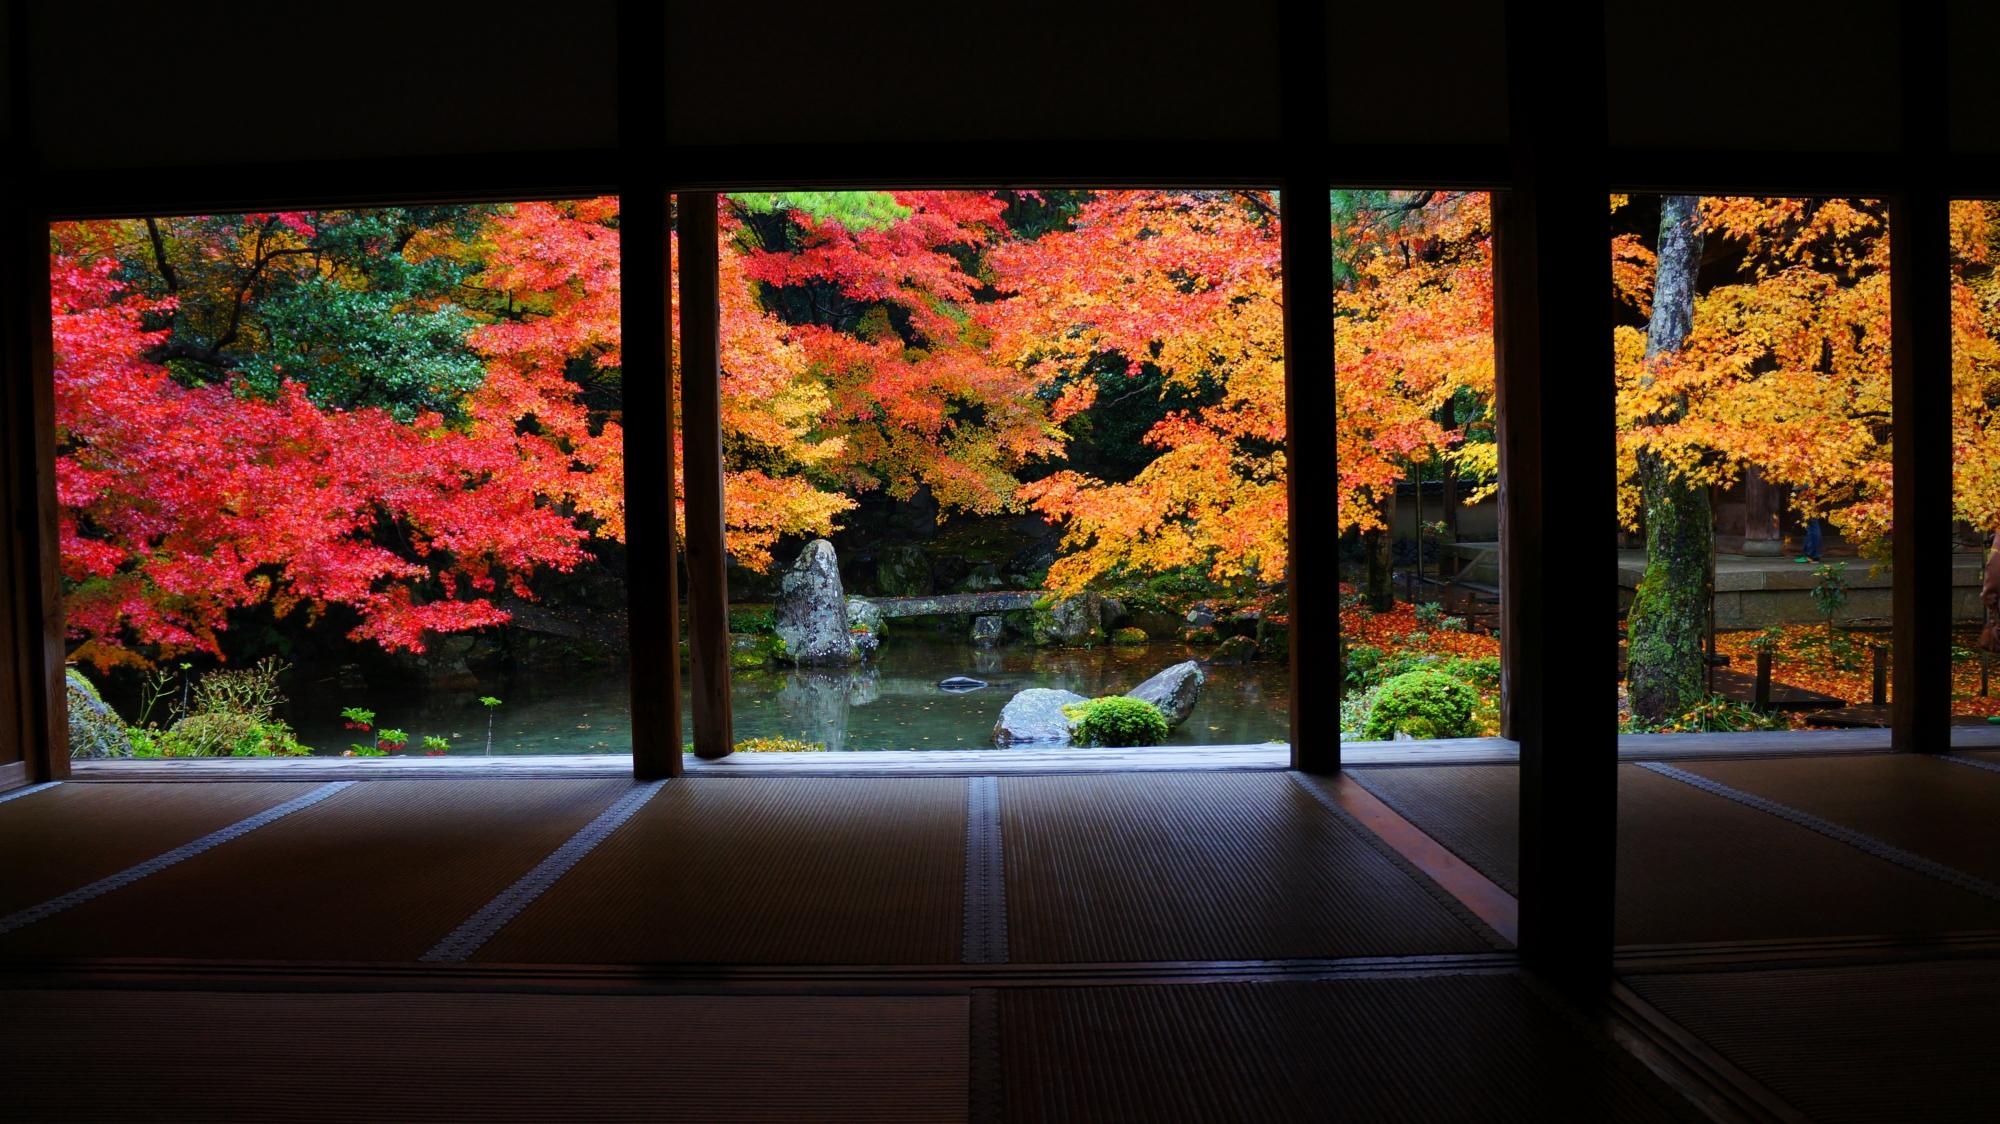 連華寺の素晴らしい紅葉と情景